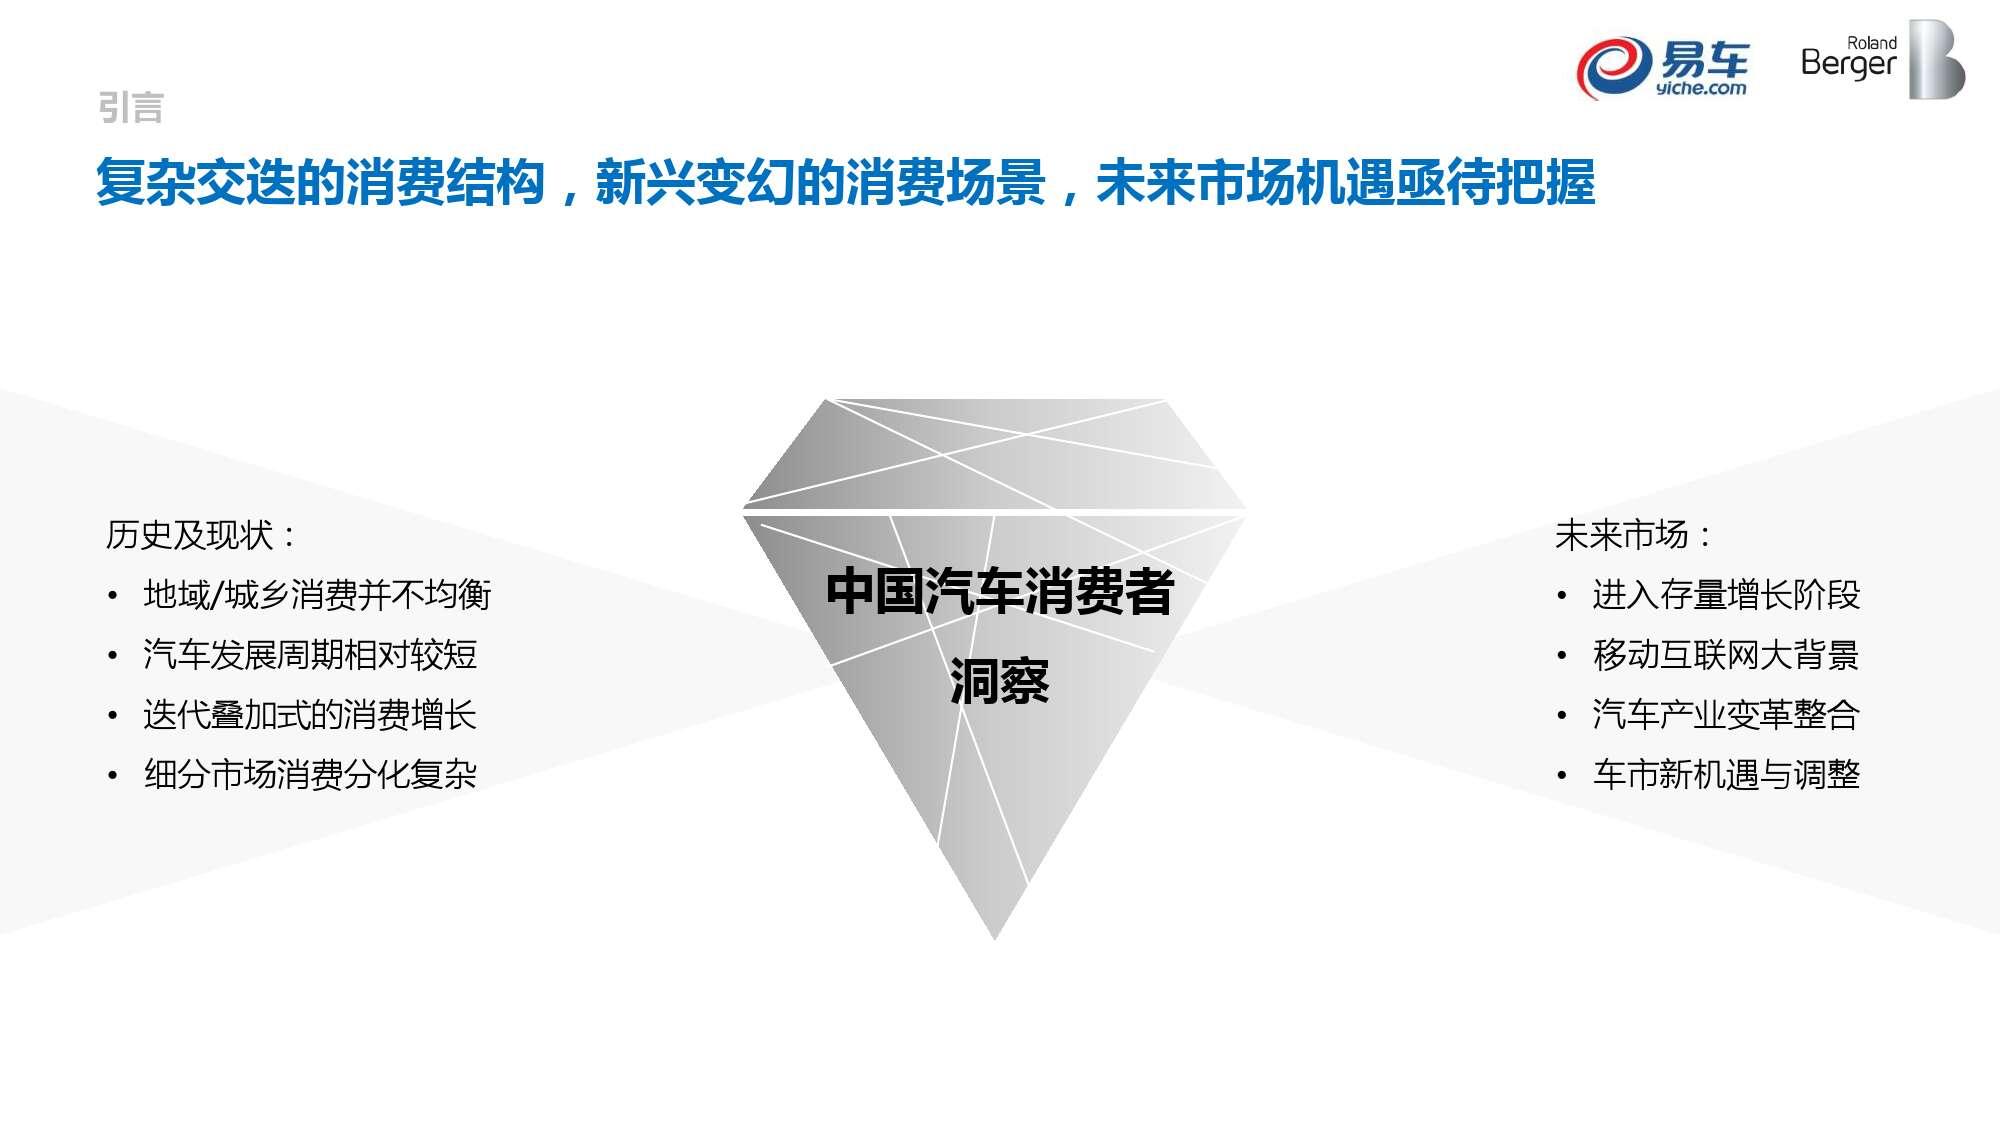 2015中国汽车消费者洞察报告_000004